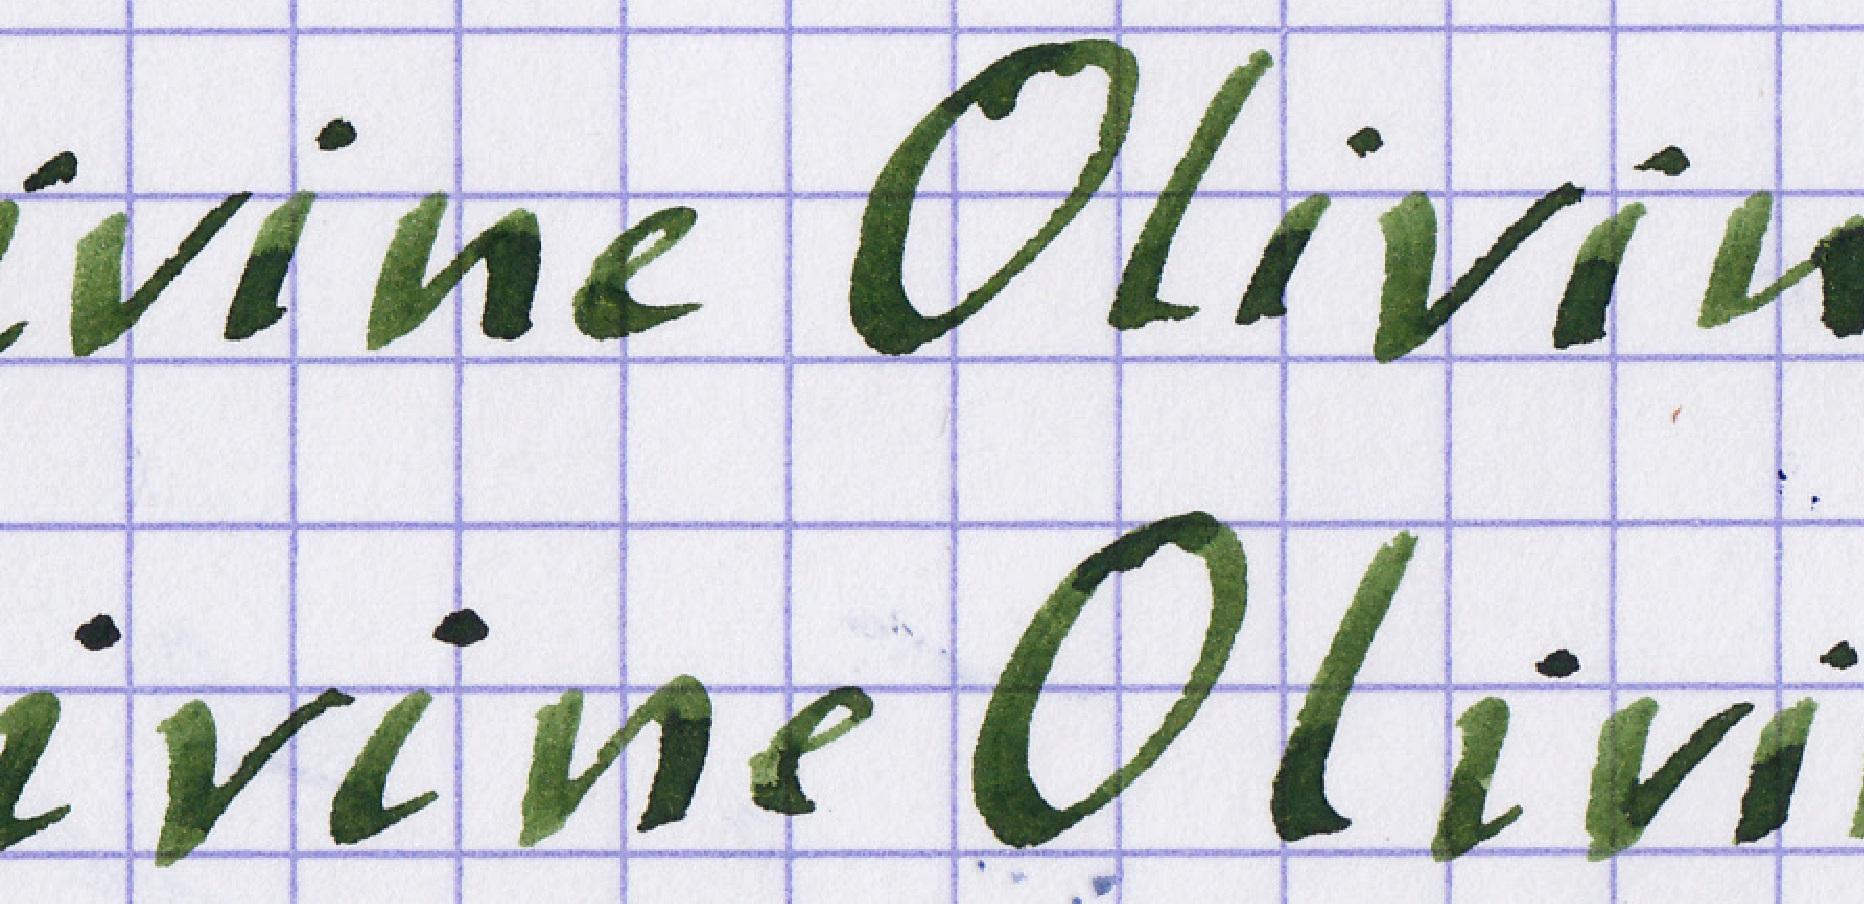 fpn_1498289891__olivine_monteverde_ox_2.